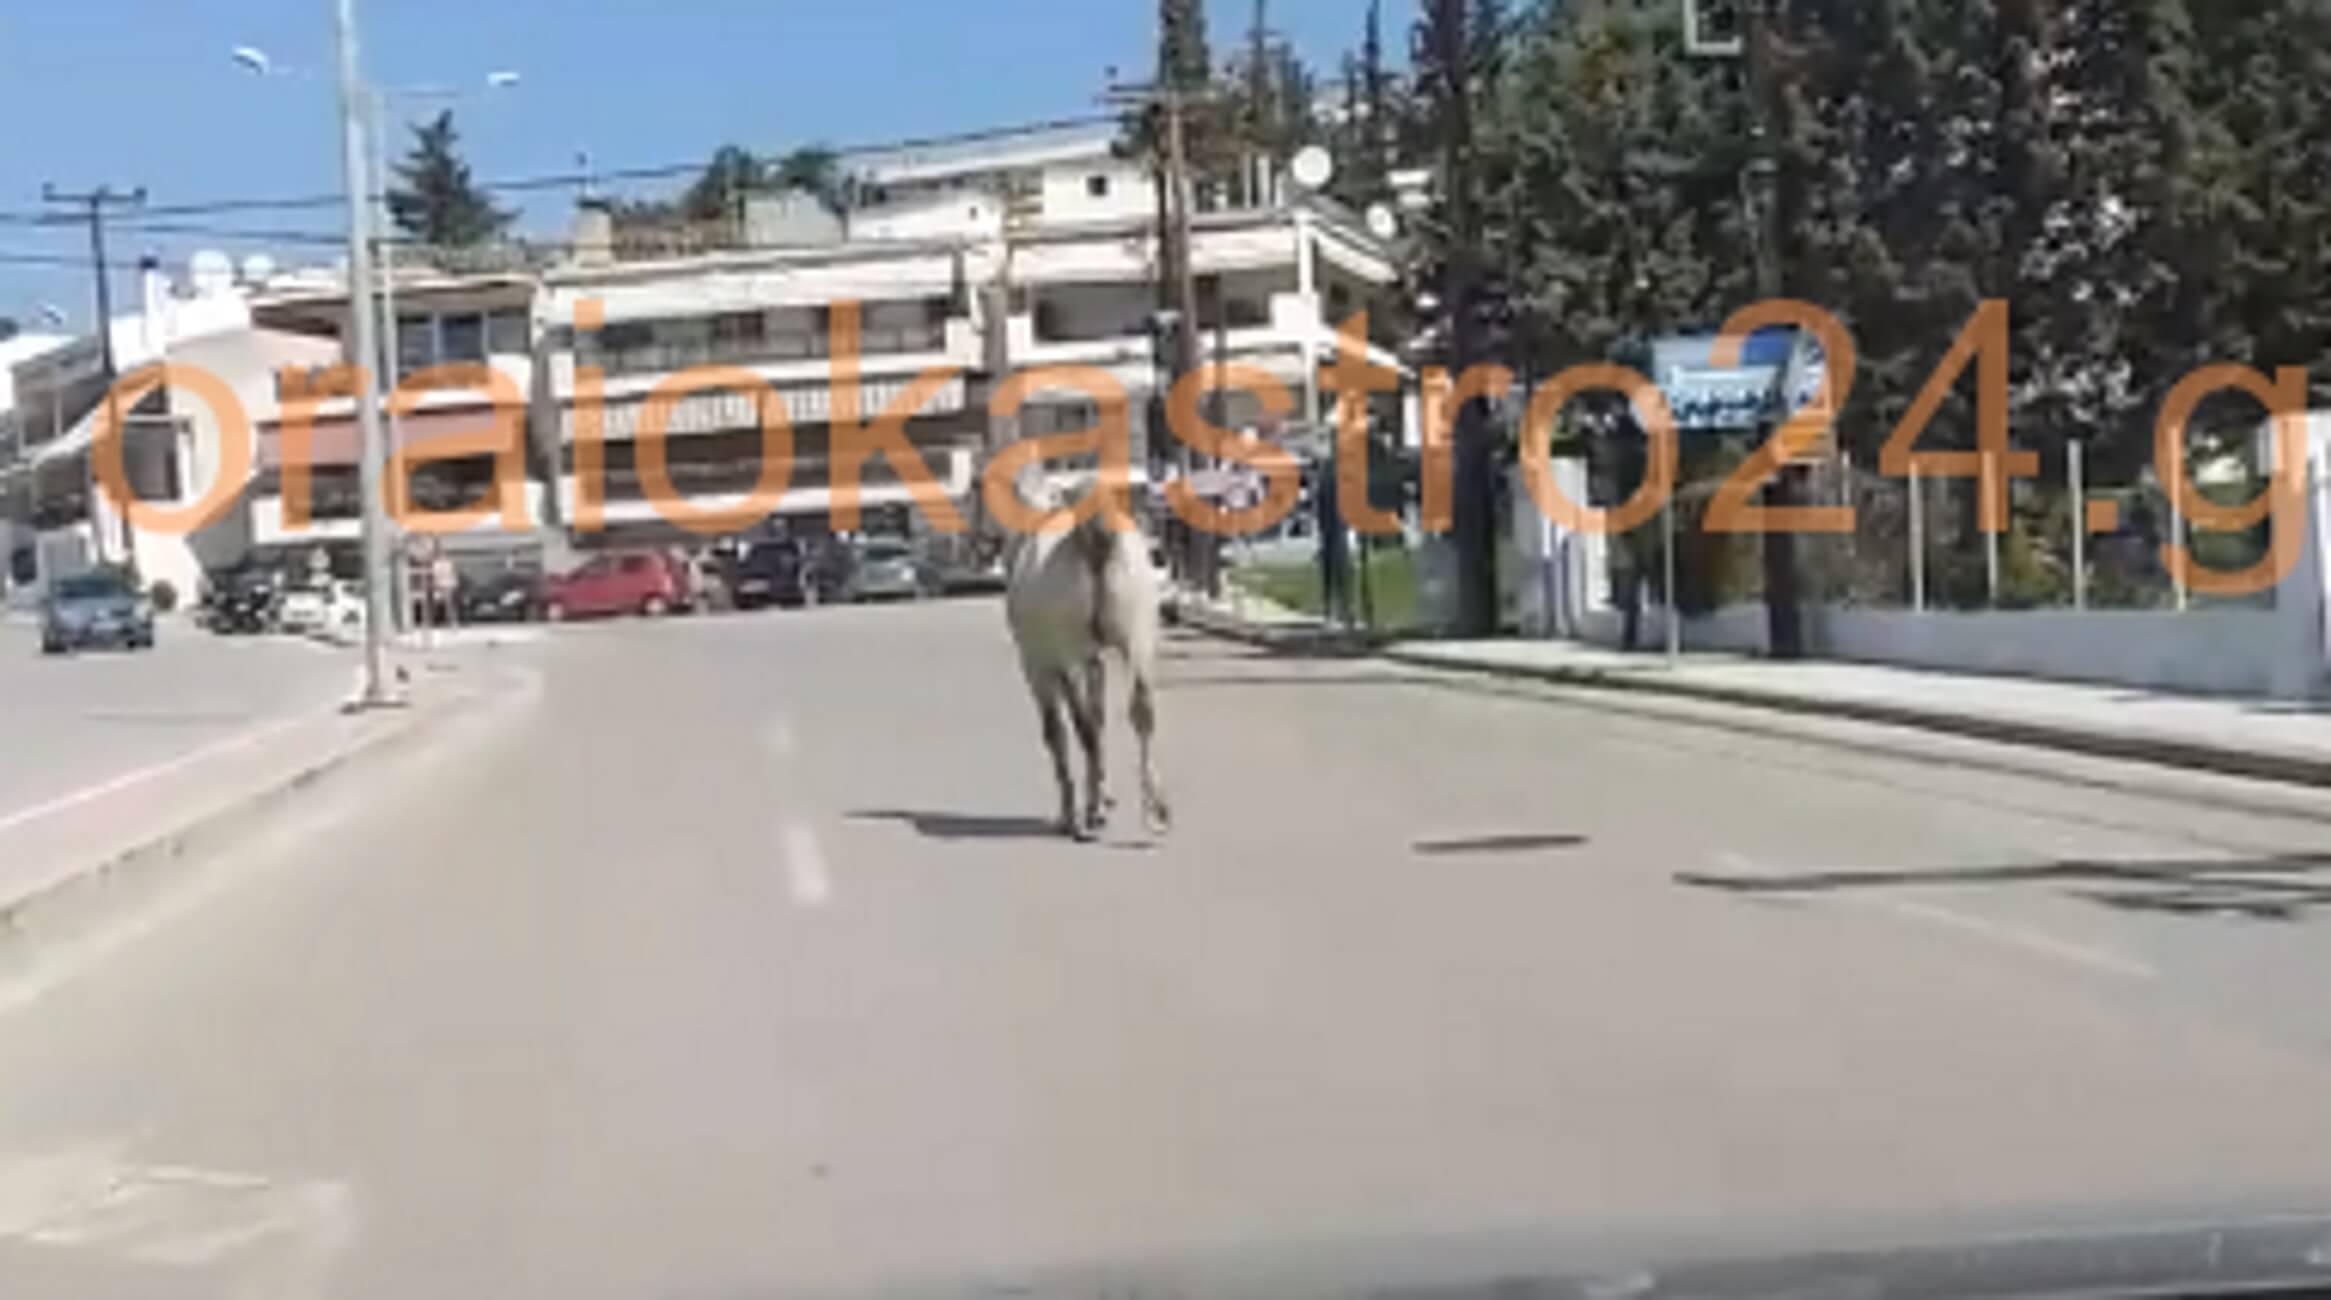 Θεσσαλονίκη: Μπροστά από τα αυτοκίνητα ένα άλογο χωρίς αναβάτη – Απίθανες σκηνές στο Ωραιόκαστρο – video